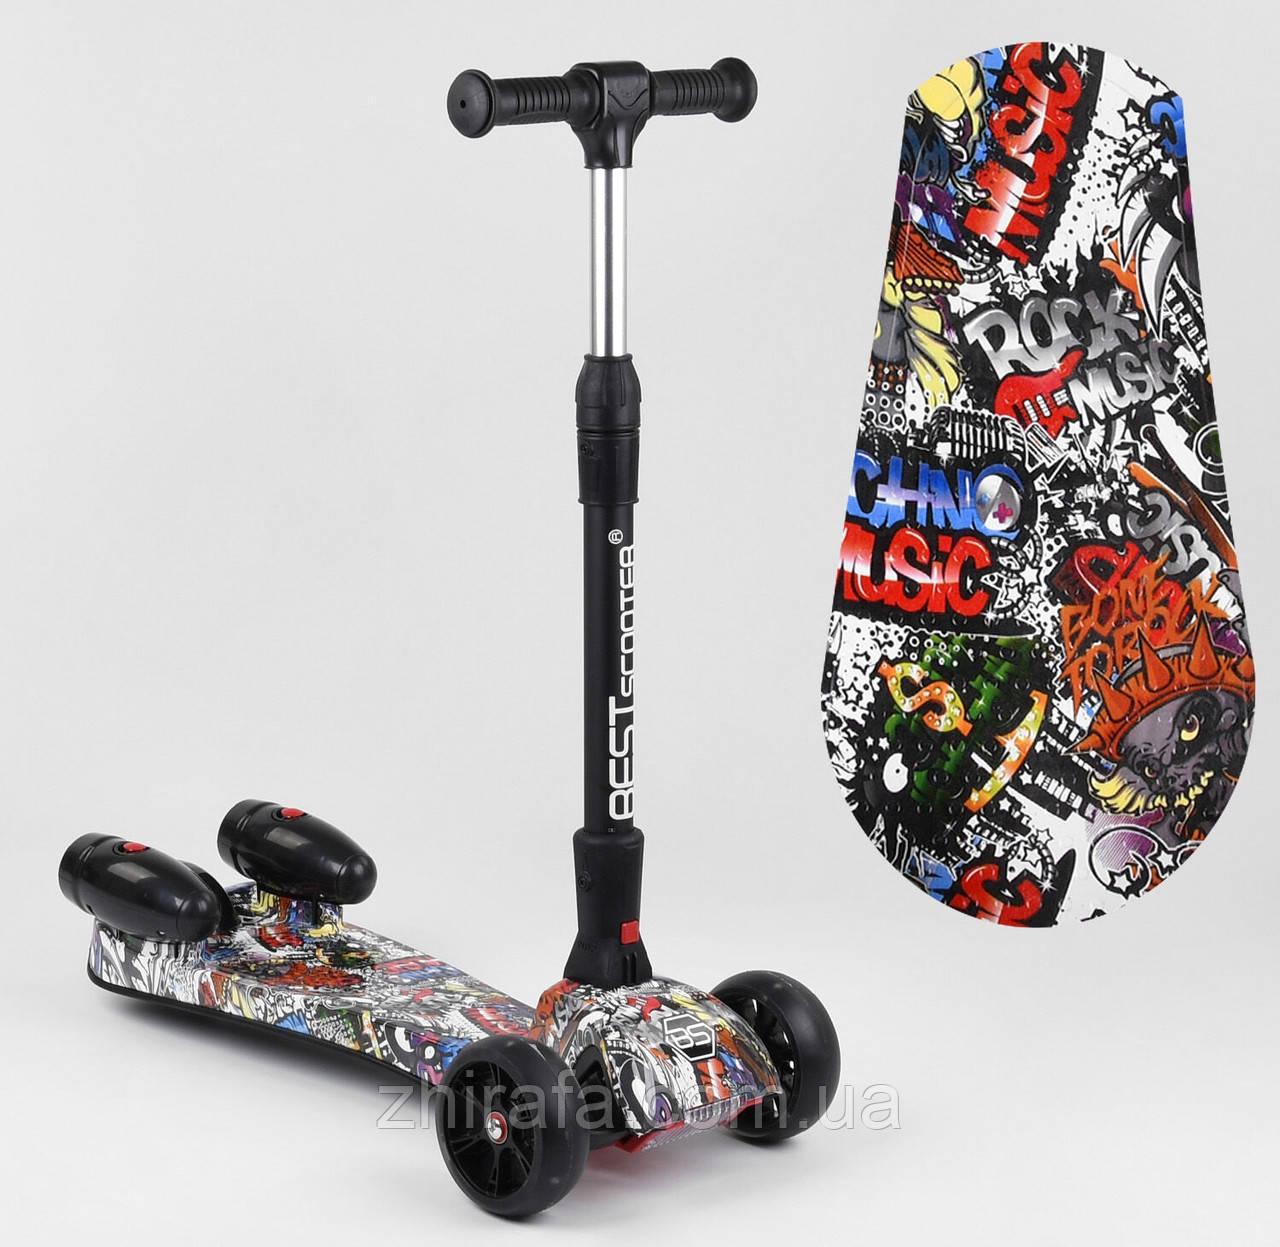 УЦЕНКА ! Детский Трехколесный Самокат Best Scooter MAXI  с турбиной